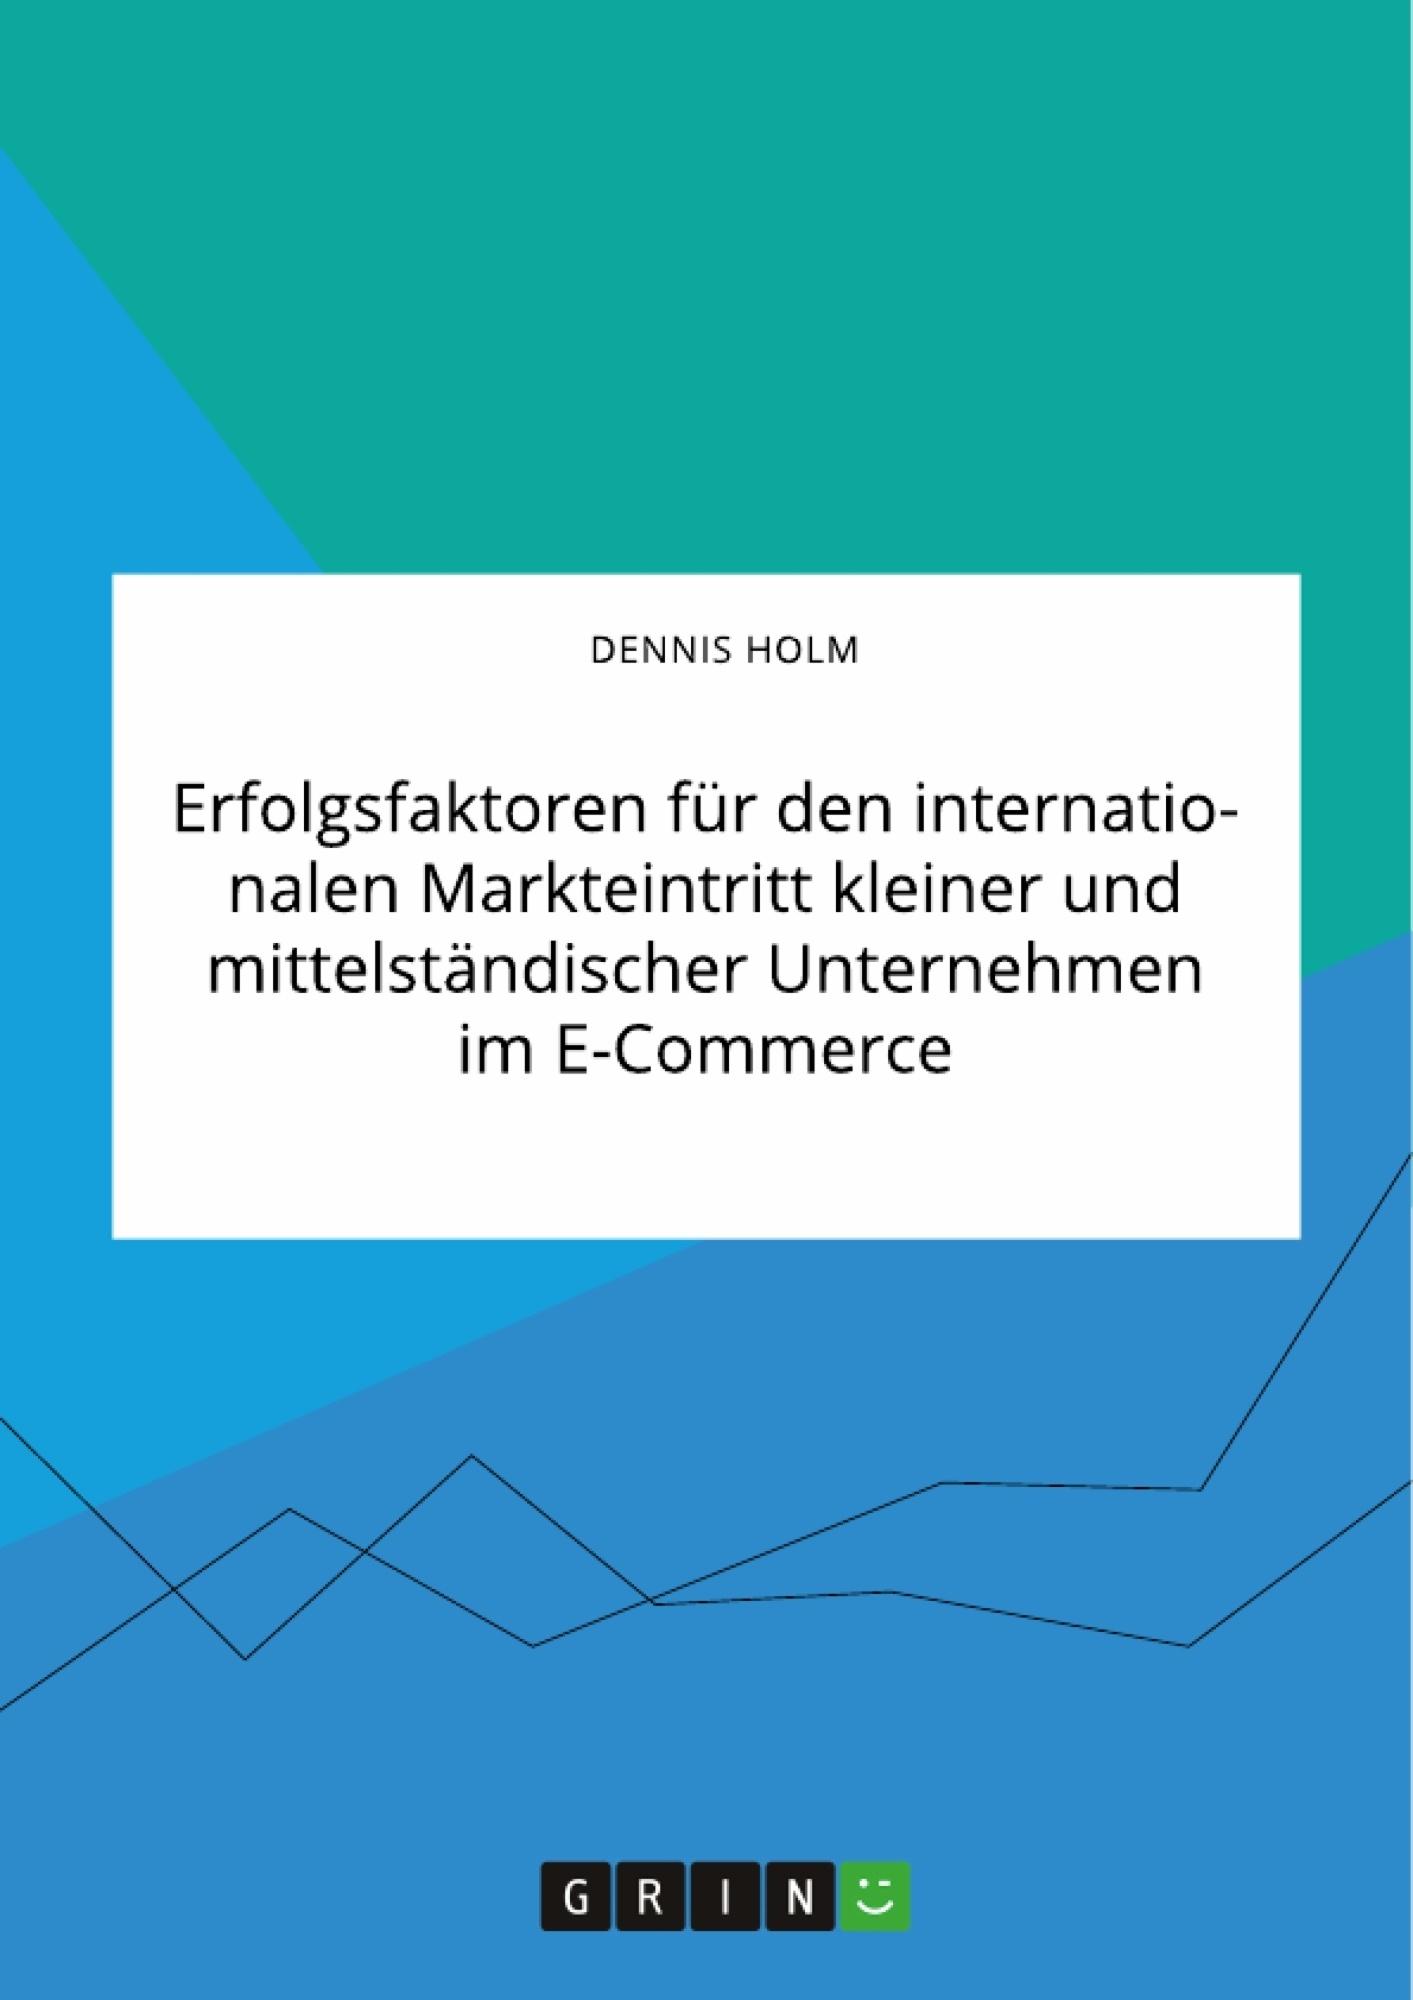 Titel: Erfolgsfaktoren für den internationalen Markteintritt kleiner und mittelständischer Unternehmen im E-Commerce